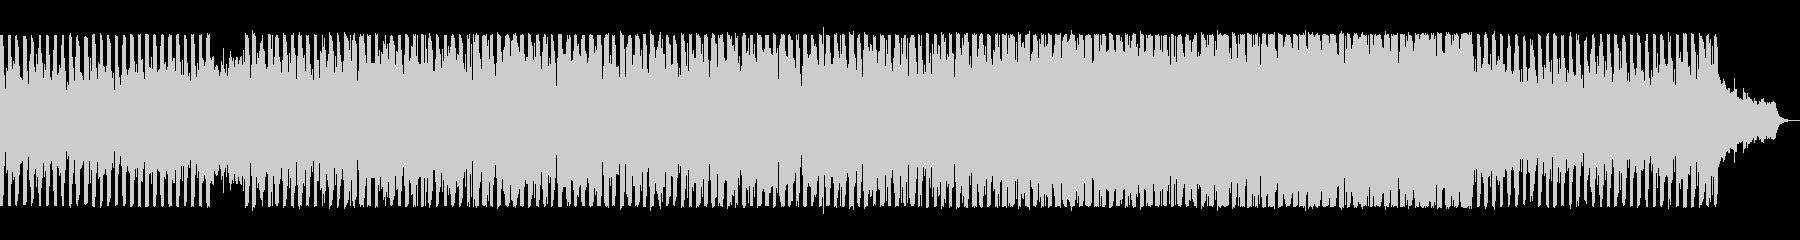 躍動感のあるユーロ系テクノの未再生の波形